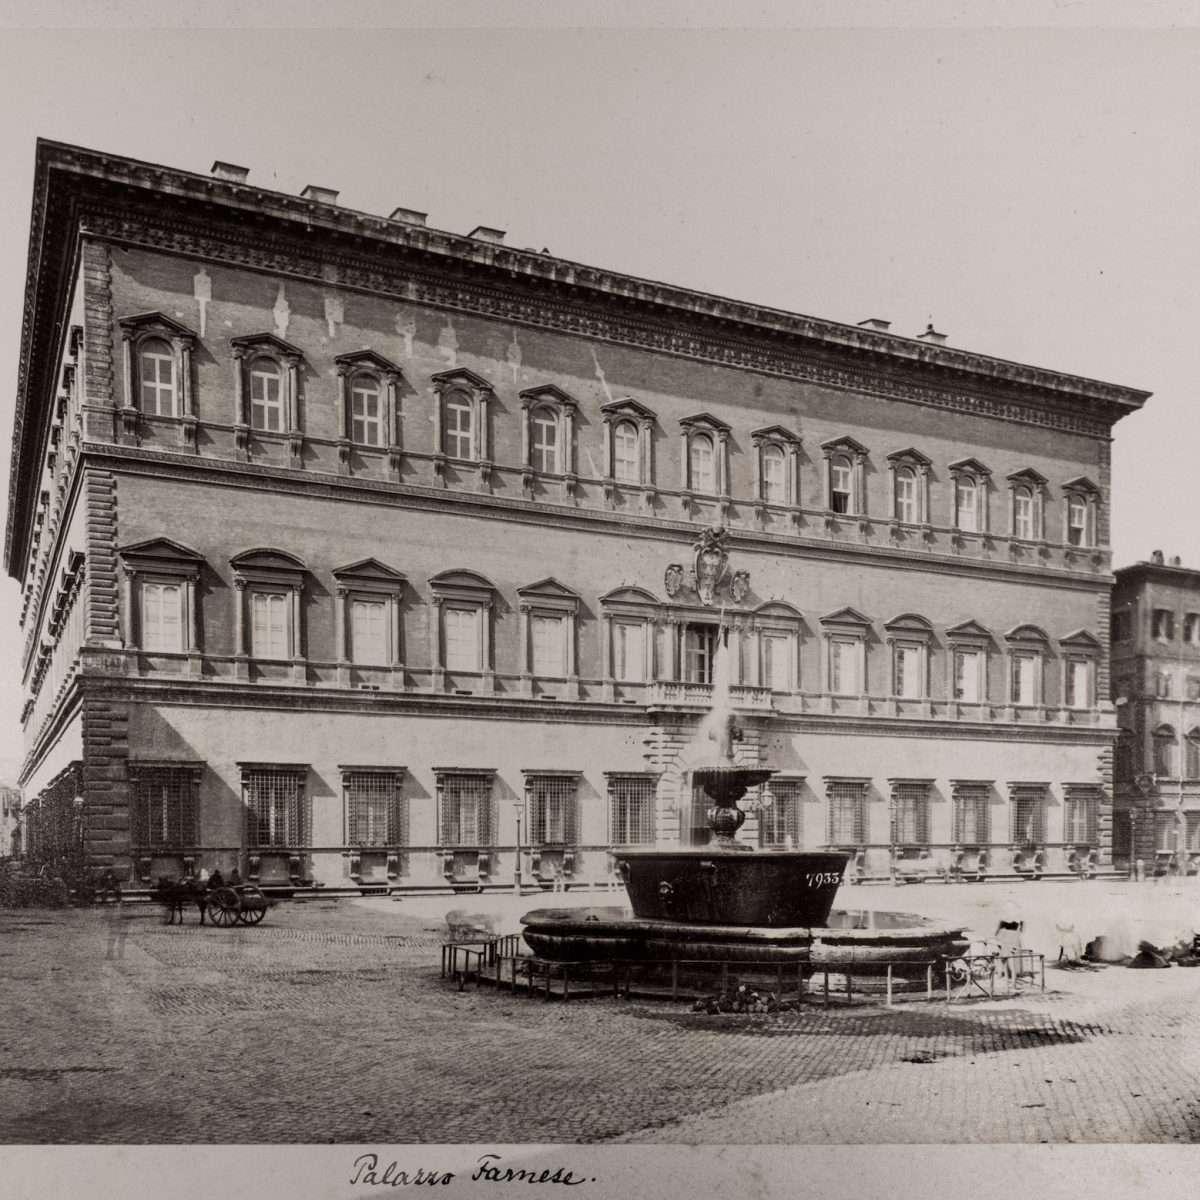 L-1090164 - Piazza Farnese - 1870